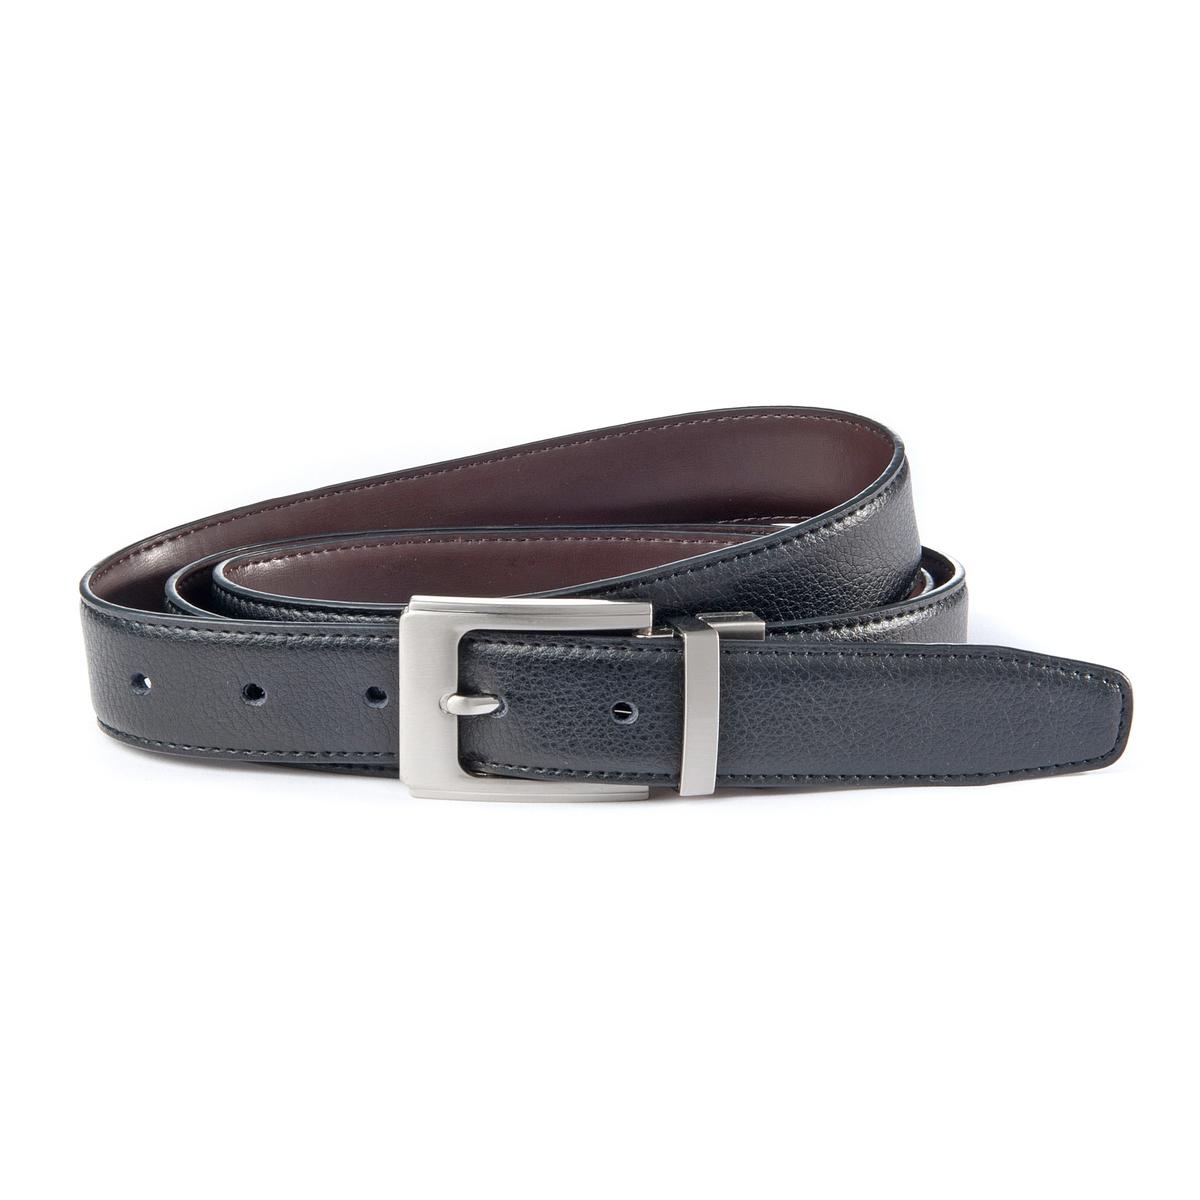 Ремень кожаный, двустороннийДвусторонний кожаный ремень : 1 черная сторона, 1 коричневая сторона, меняйте цвет одним движением !Материал : яловичная кожа. Застежка : реверсивная металлическая пряжкаШирина : 3,5 смОбхват талии в см<br><br>Цвет: каштановый / черный<br>Размер: 130/140 см